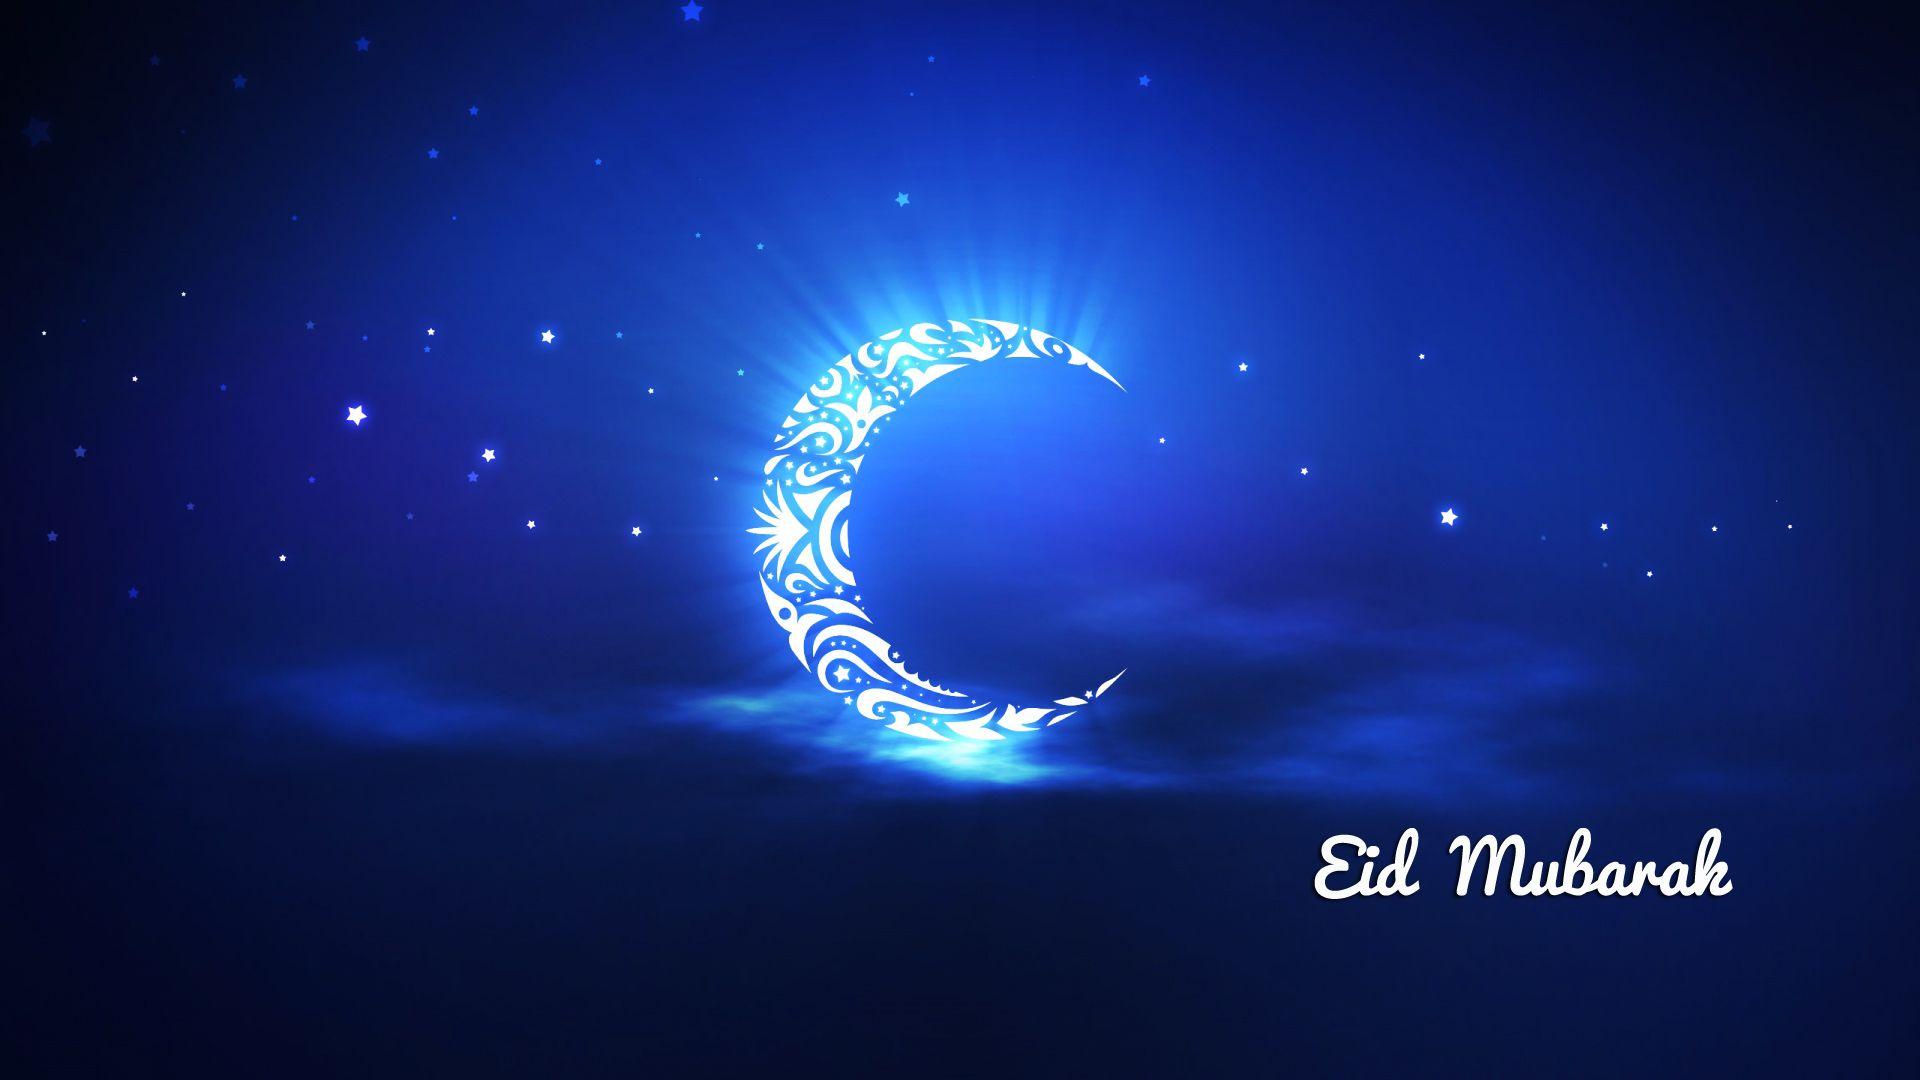 Hd wallpaper eid mubarak - Best 25 Eid Mubarak Hd Images Ideas Only On Pinterest Eid Wallpaper Ramzan Images Hd And Eid Mubarak Images